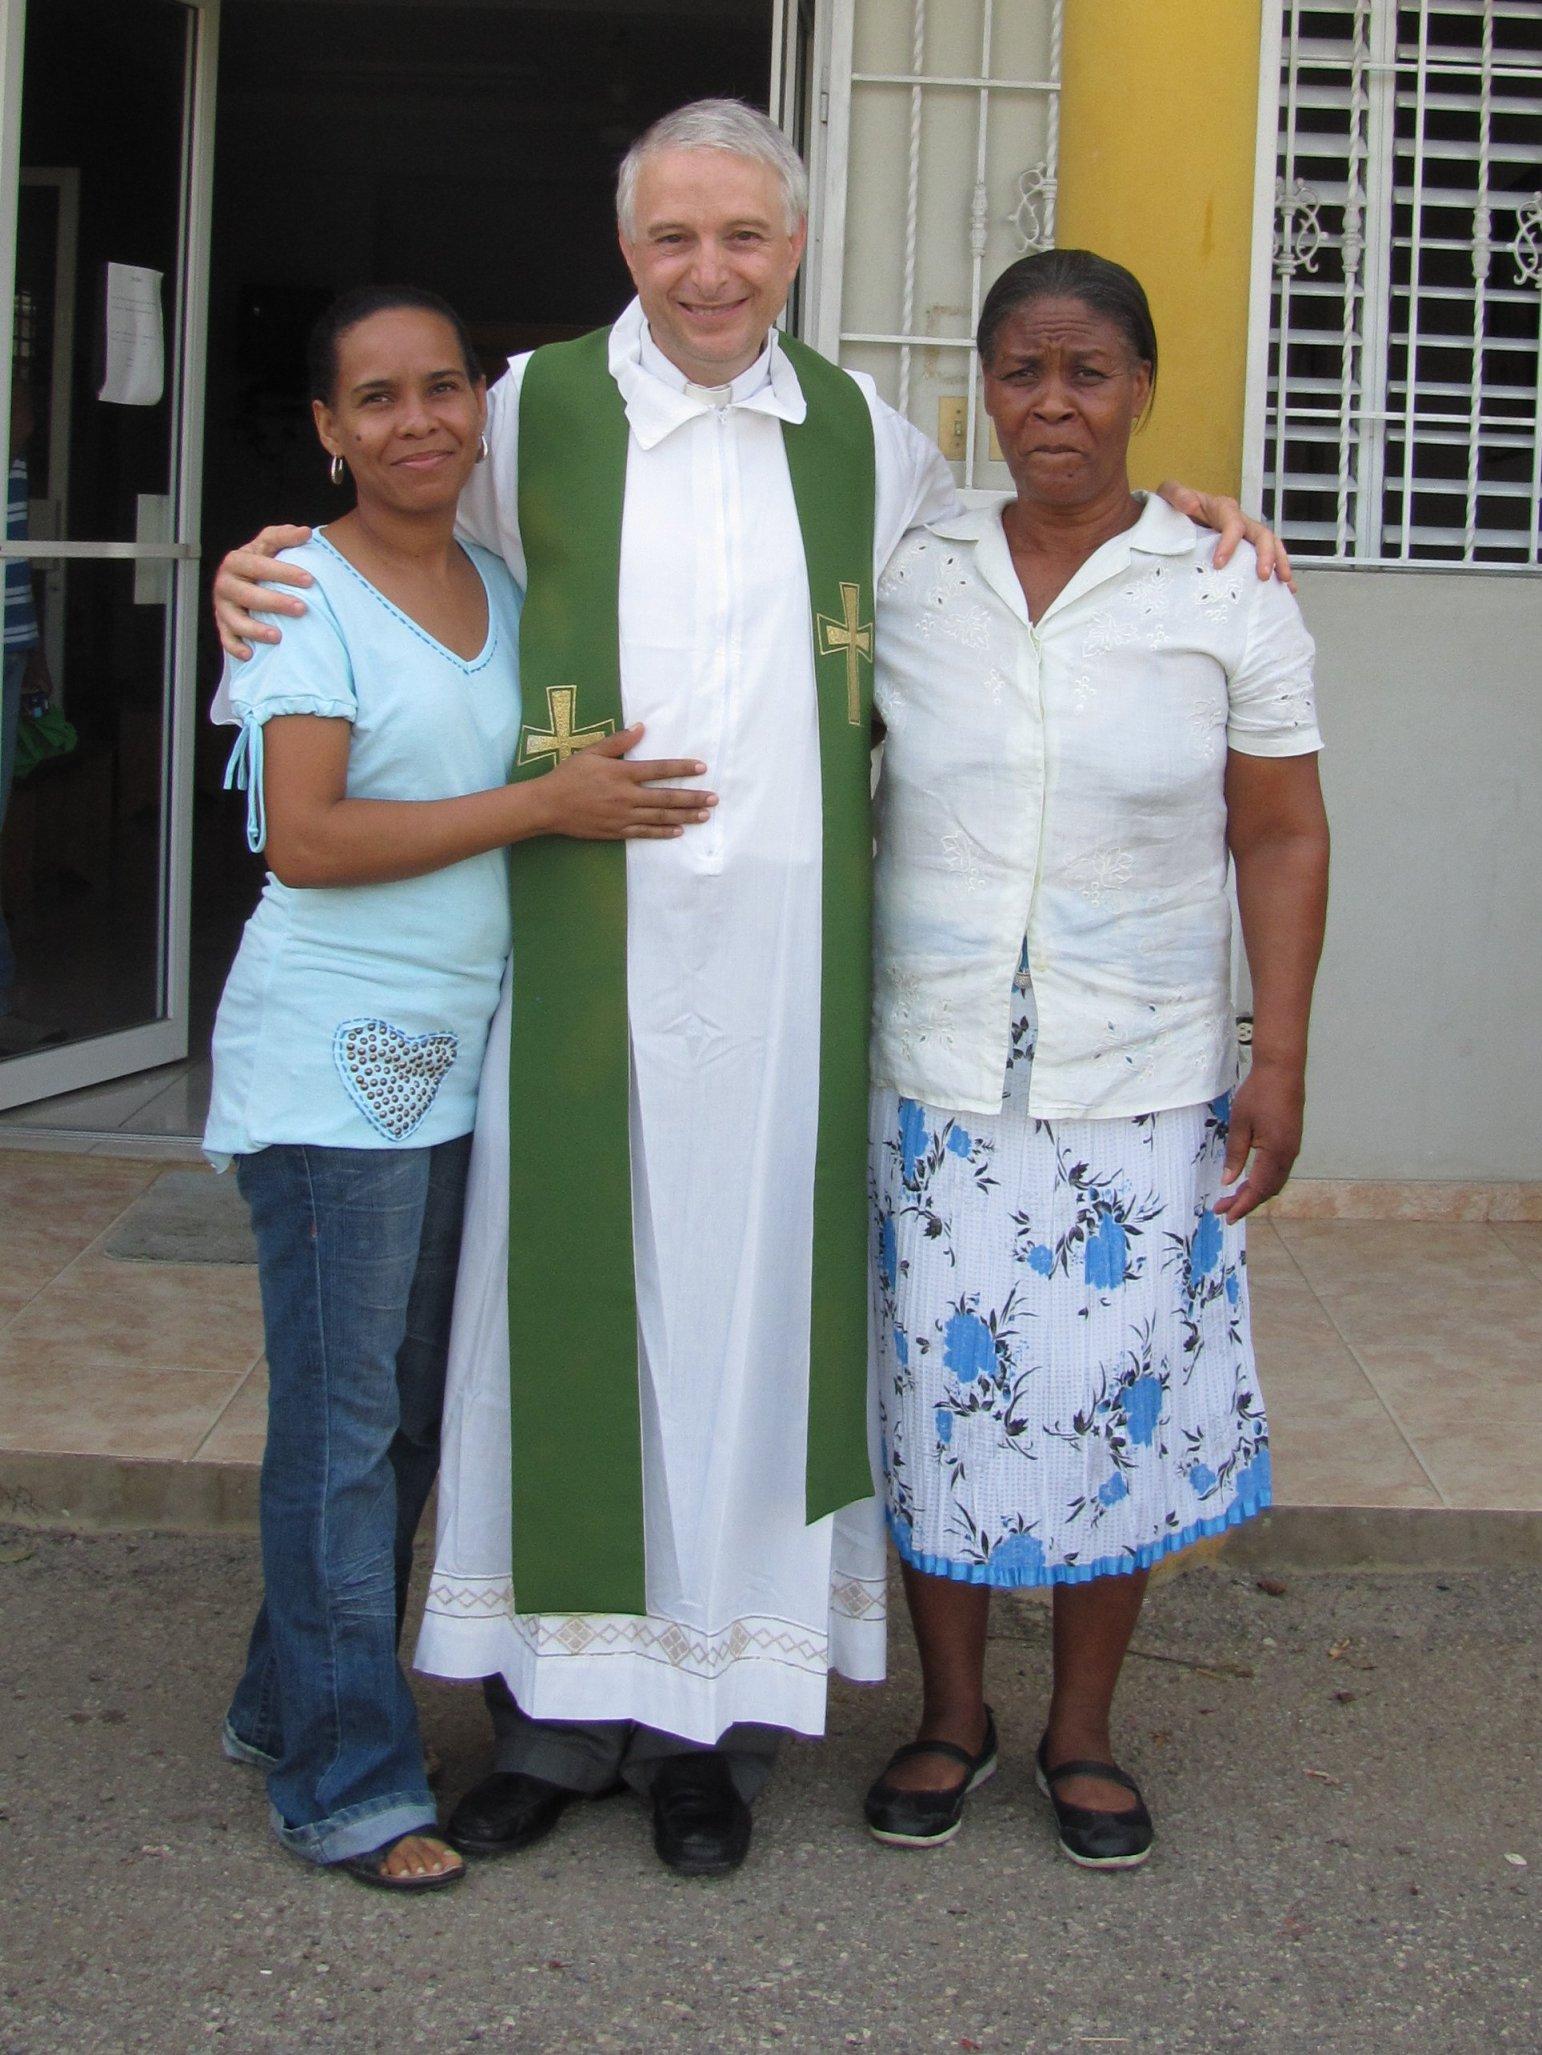 guaricano_misa_dispensario_2012-06-25-07-56-38